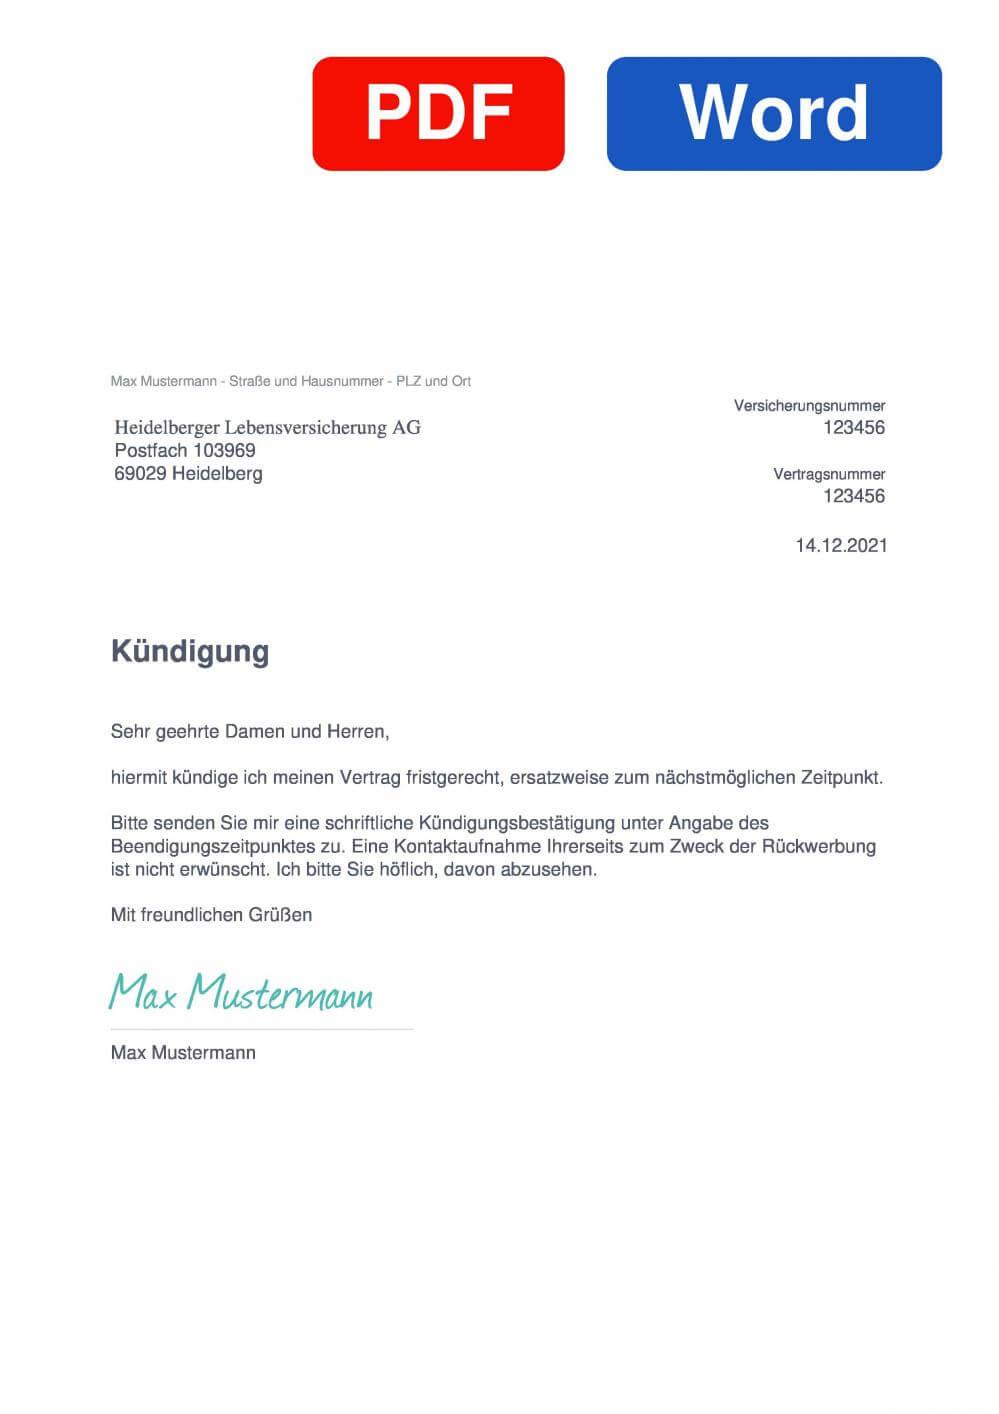 Heidelberger Lebensversicherung Muster Vorlage für Kündigungsschreiben